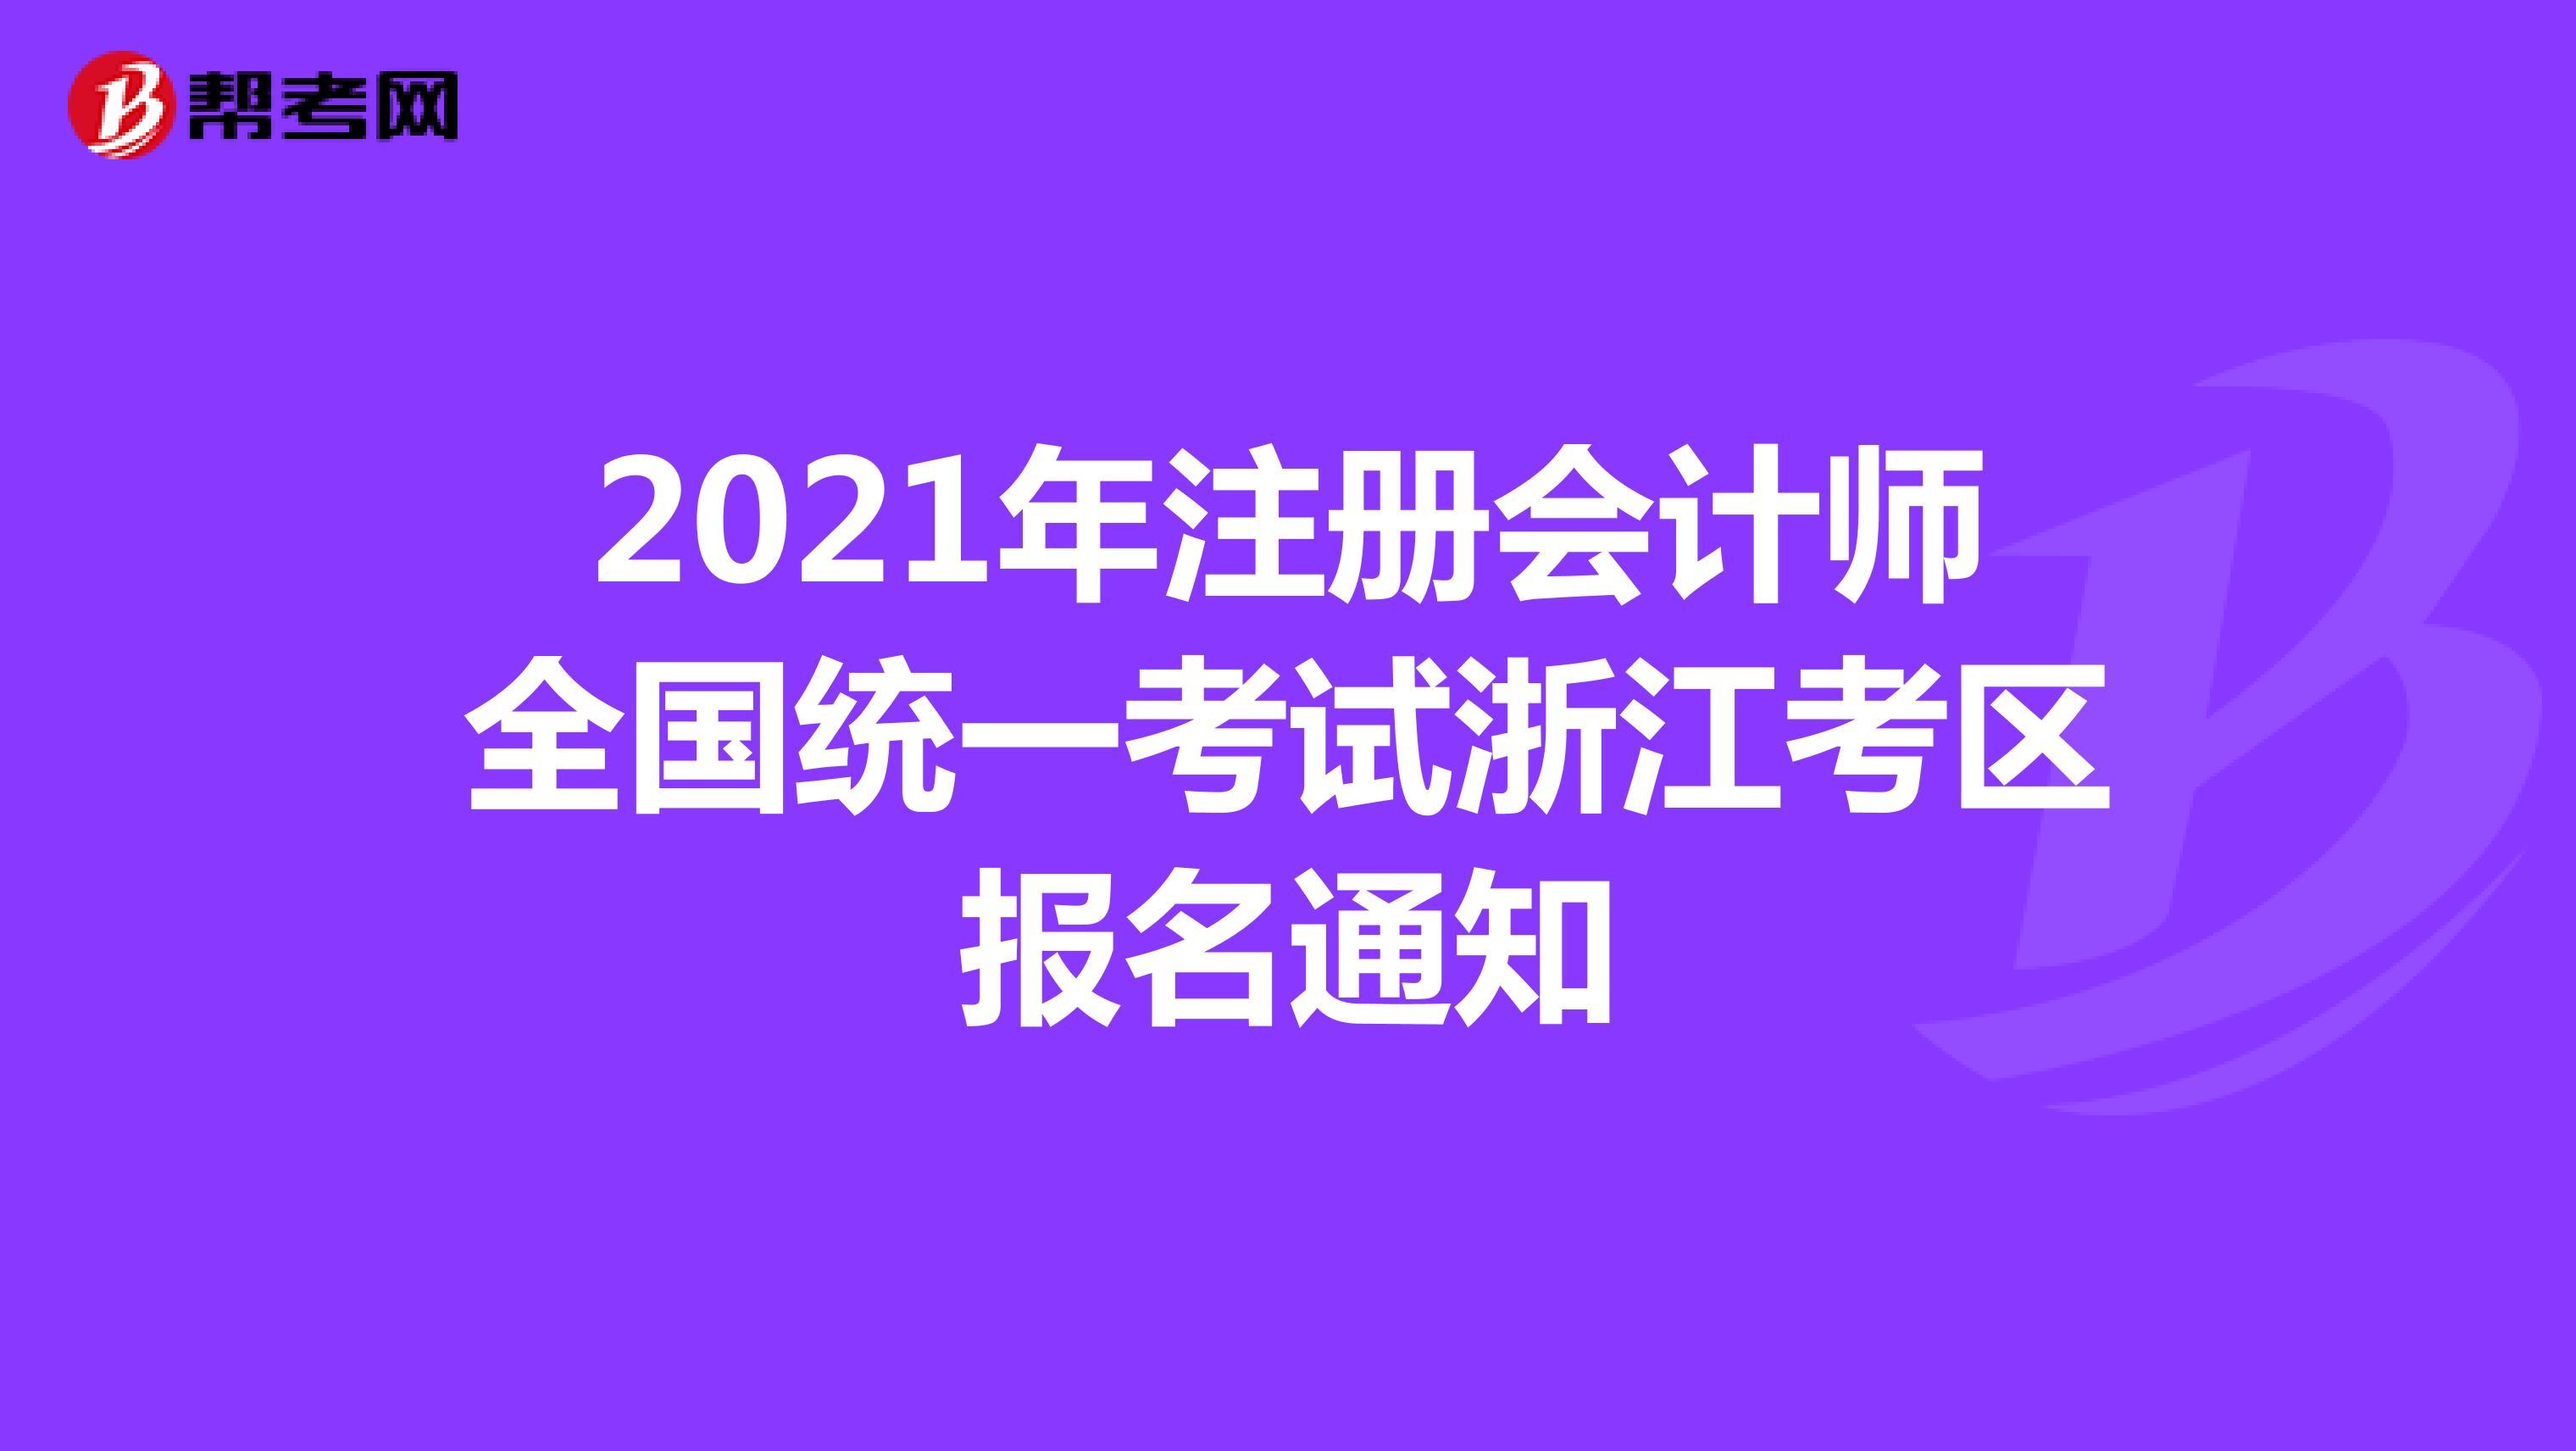 2021年注册会计师全国统一考试浙江考区报名通知